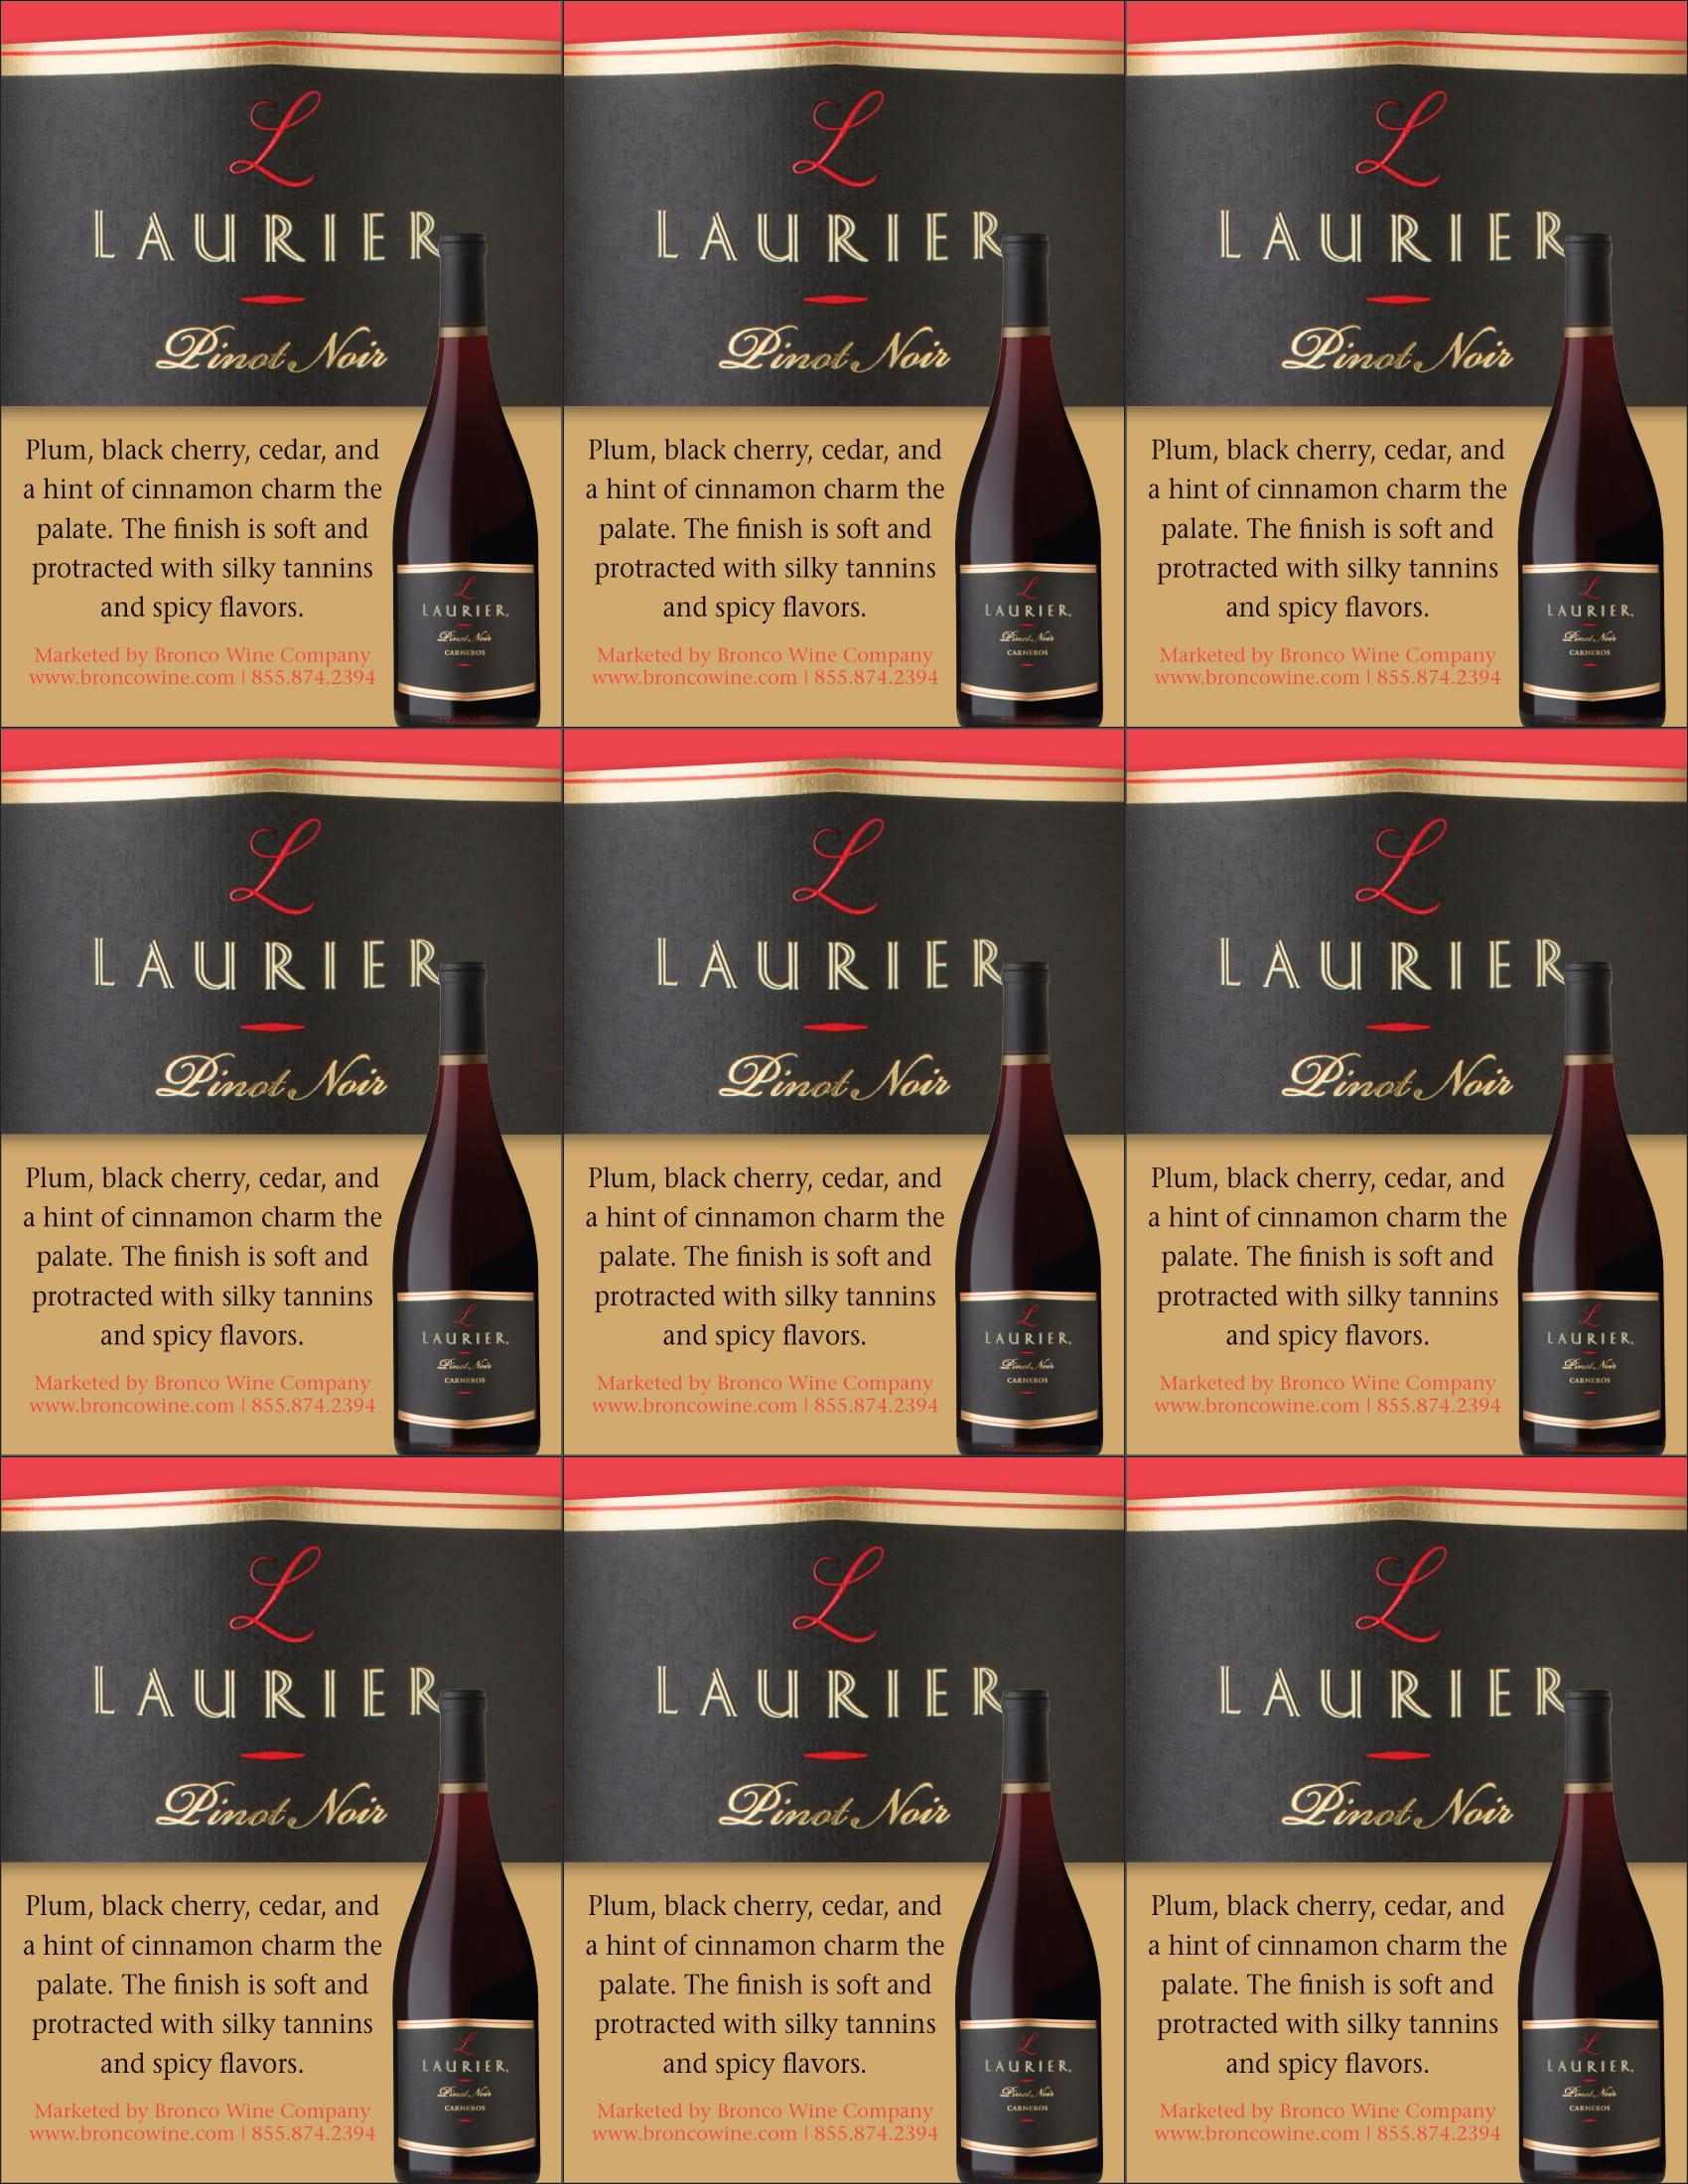 Laurier Pinot Noir Shelf Talker